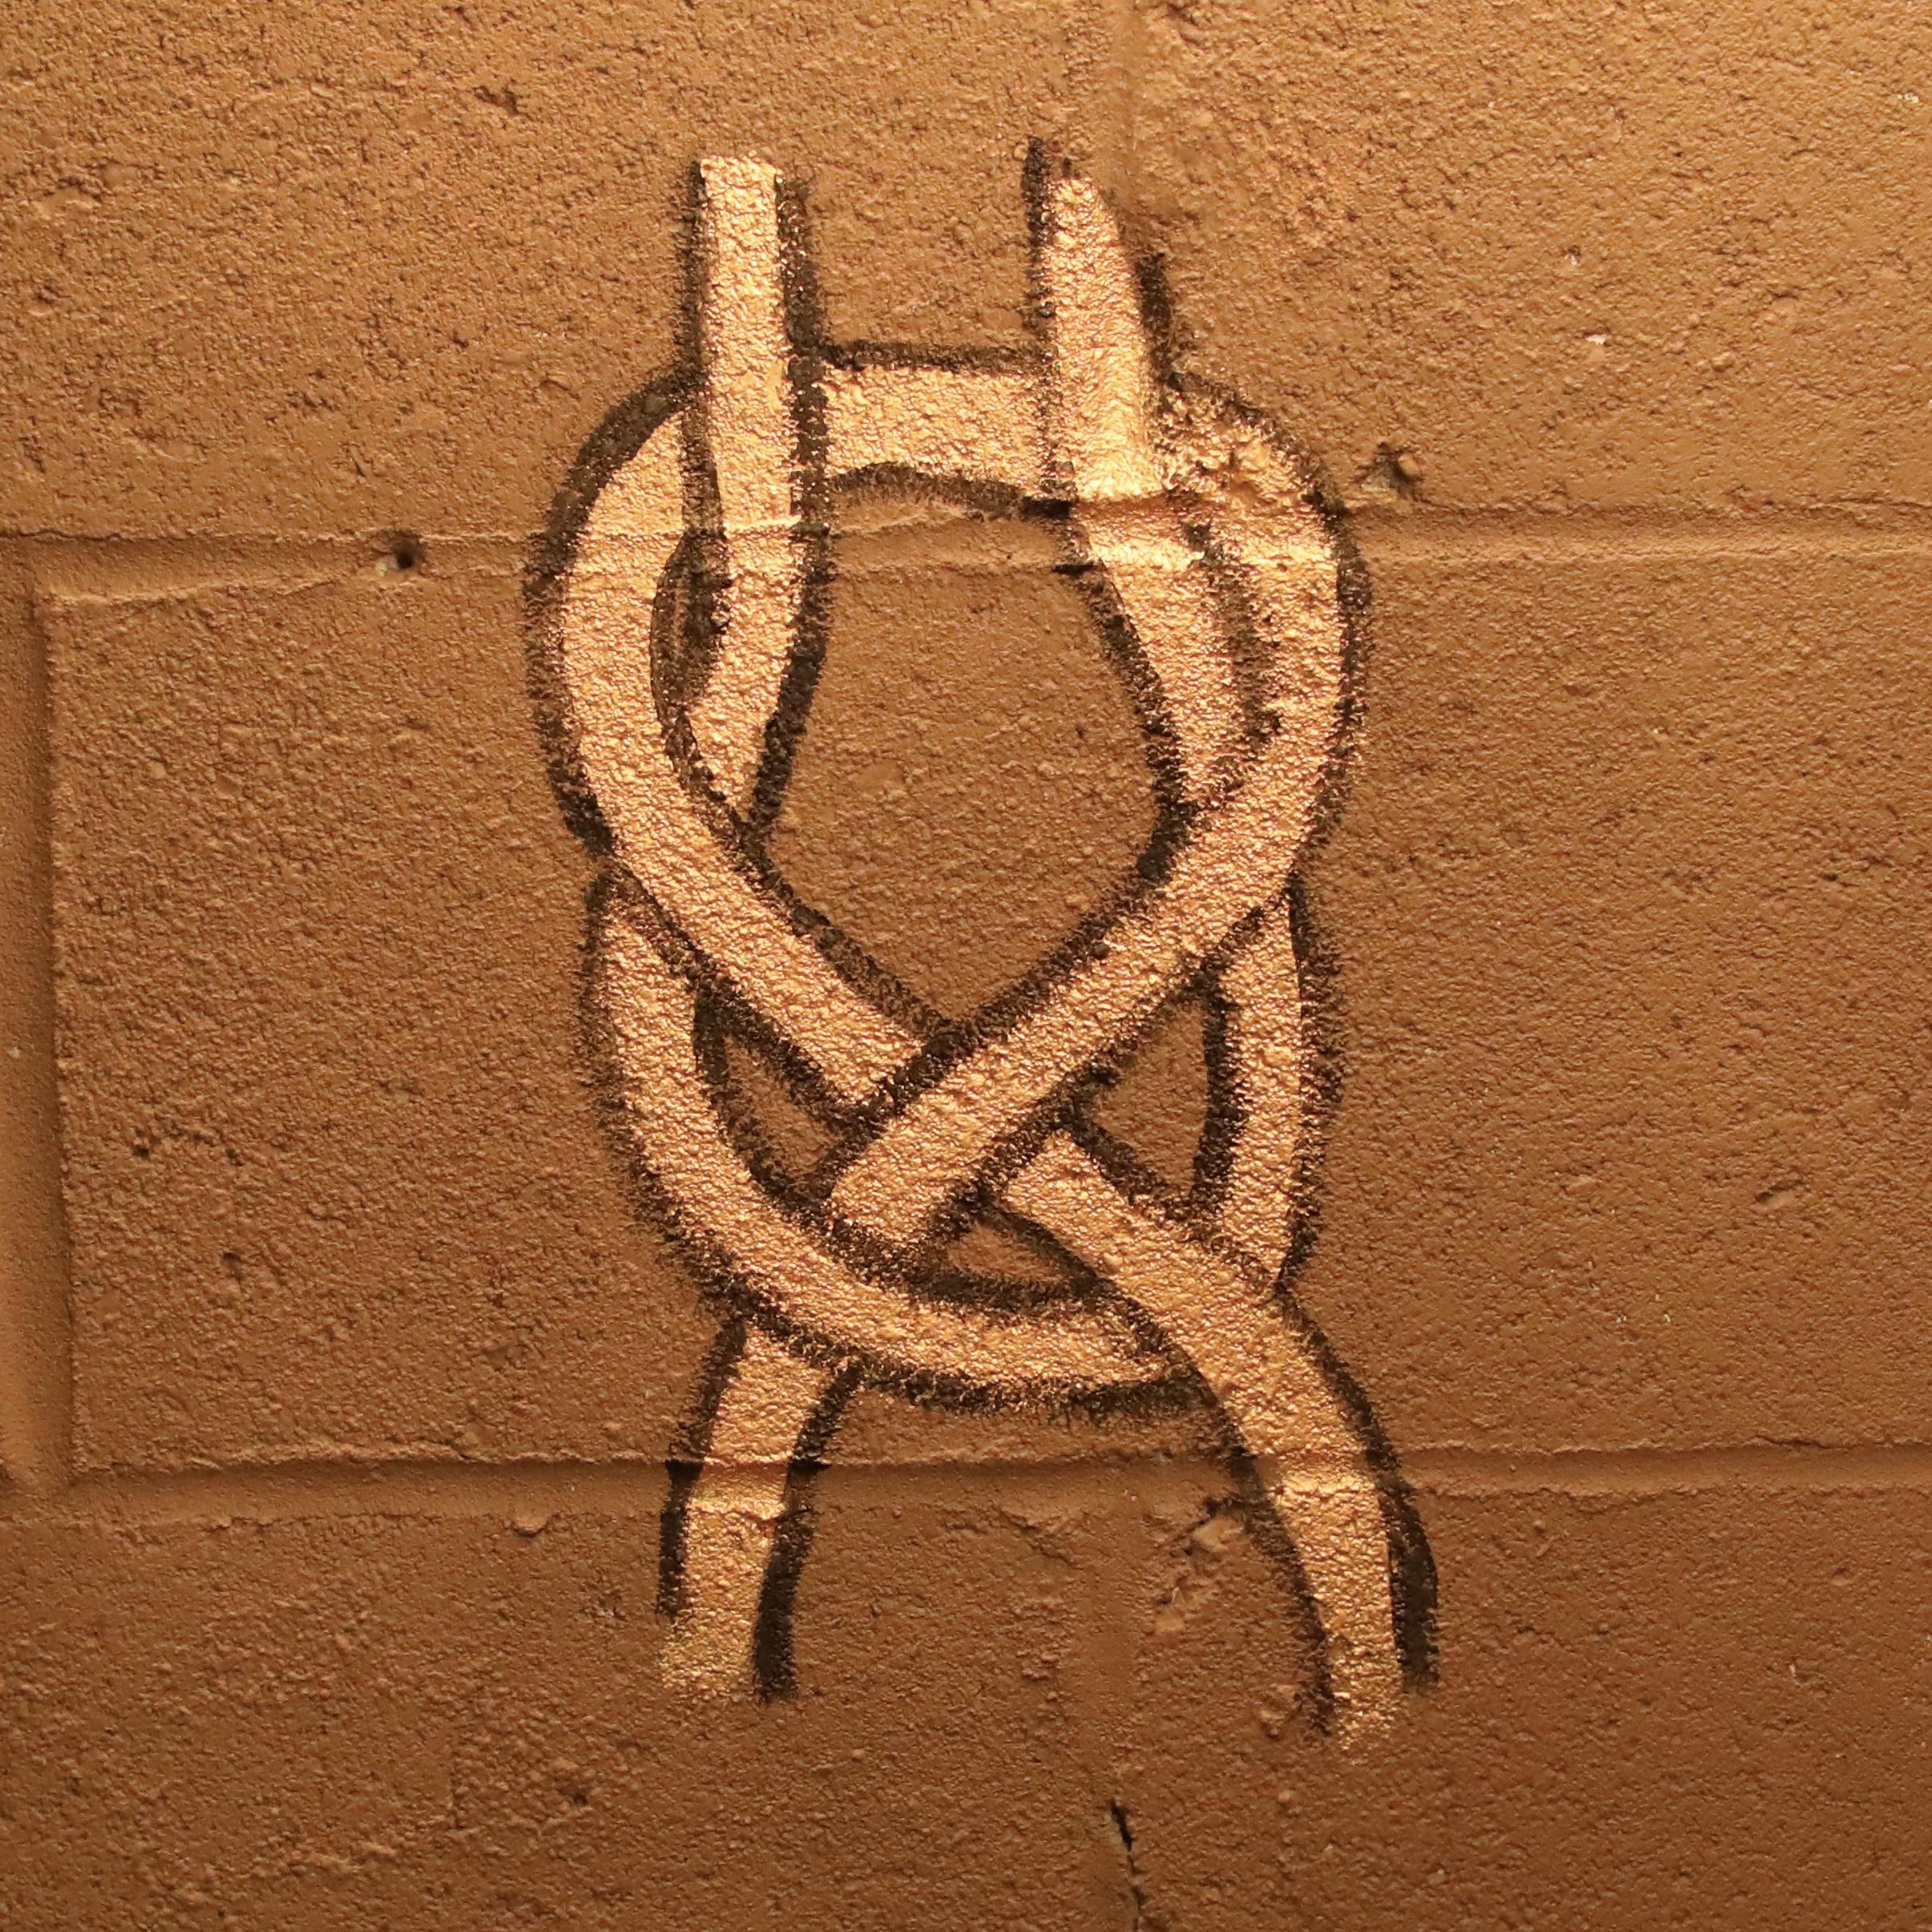 3. Sheet Bend